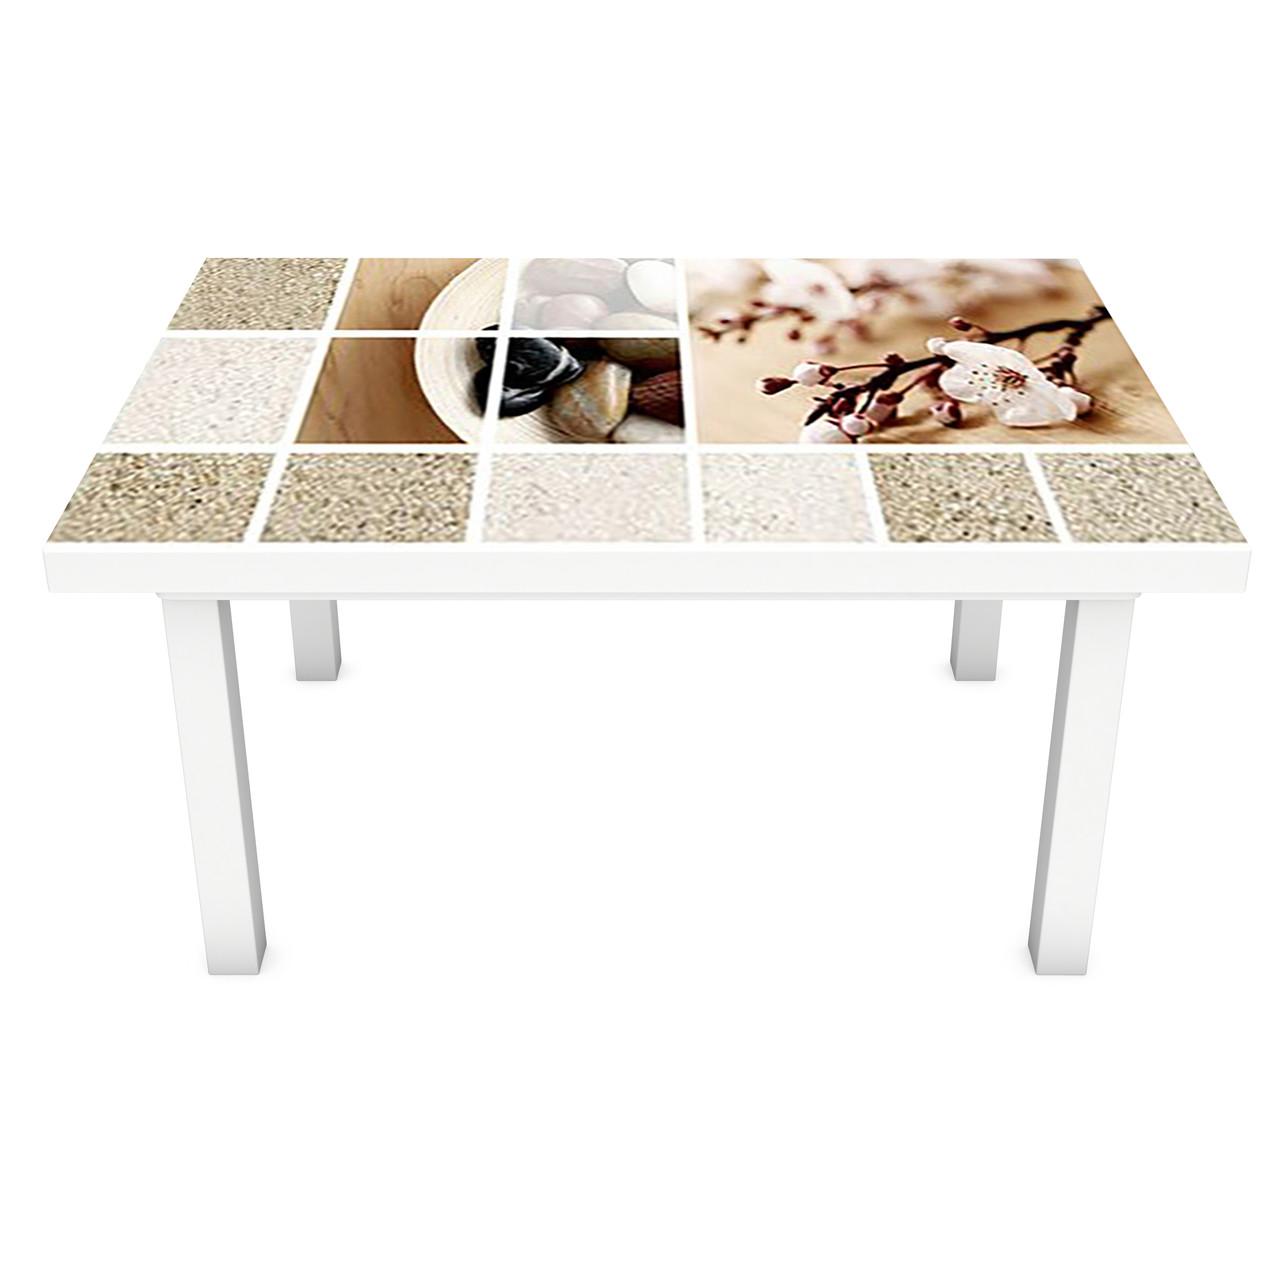 Наклейка на стіл вінілова Охра 02 ПВХ плівка для меблів інтер'єрна 3D колаж пісок текстура беж 600*1200 мм